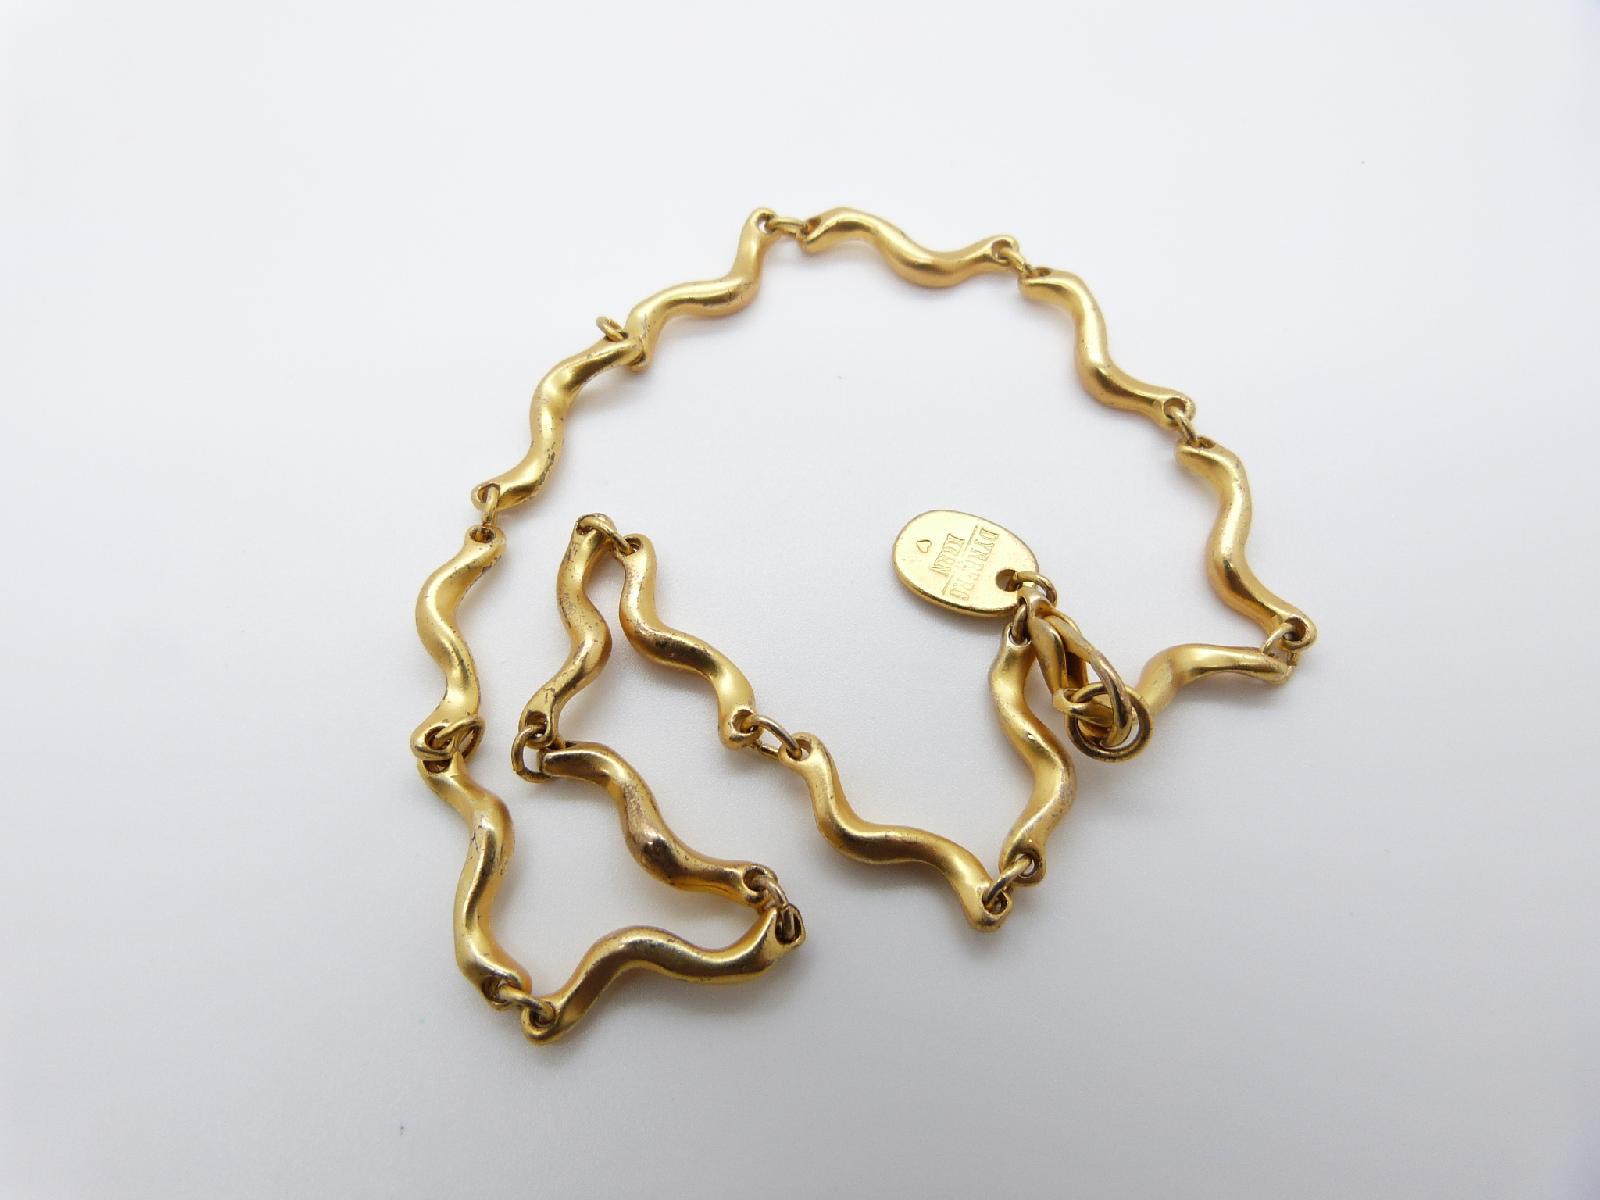 £12.00 - Signed Dyrberg Kern Fancy Wavy Link Goldtone Designer Necklace